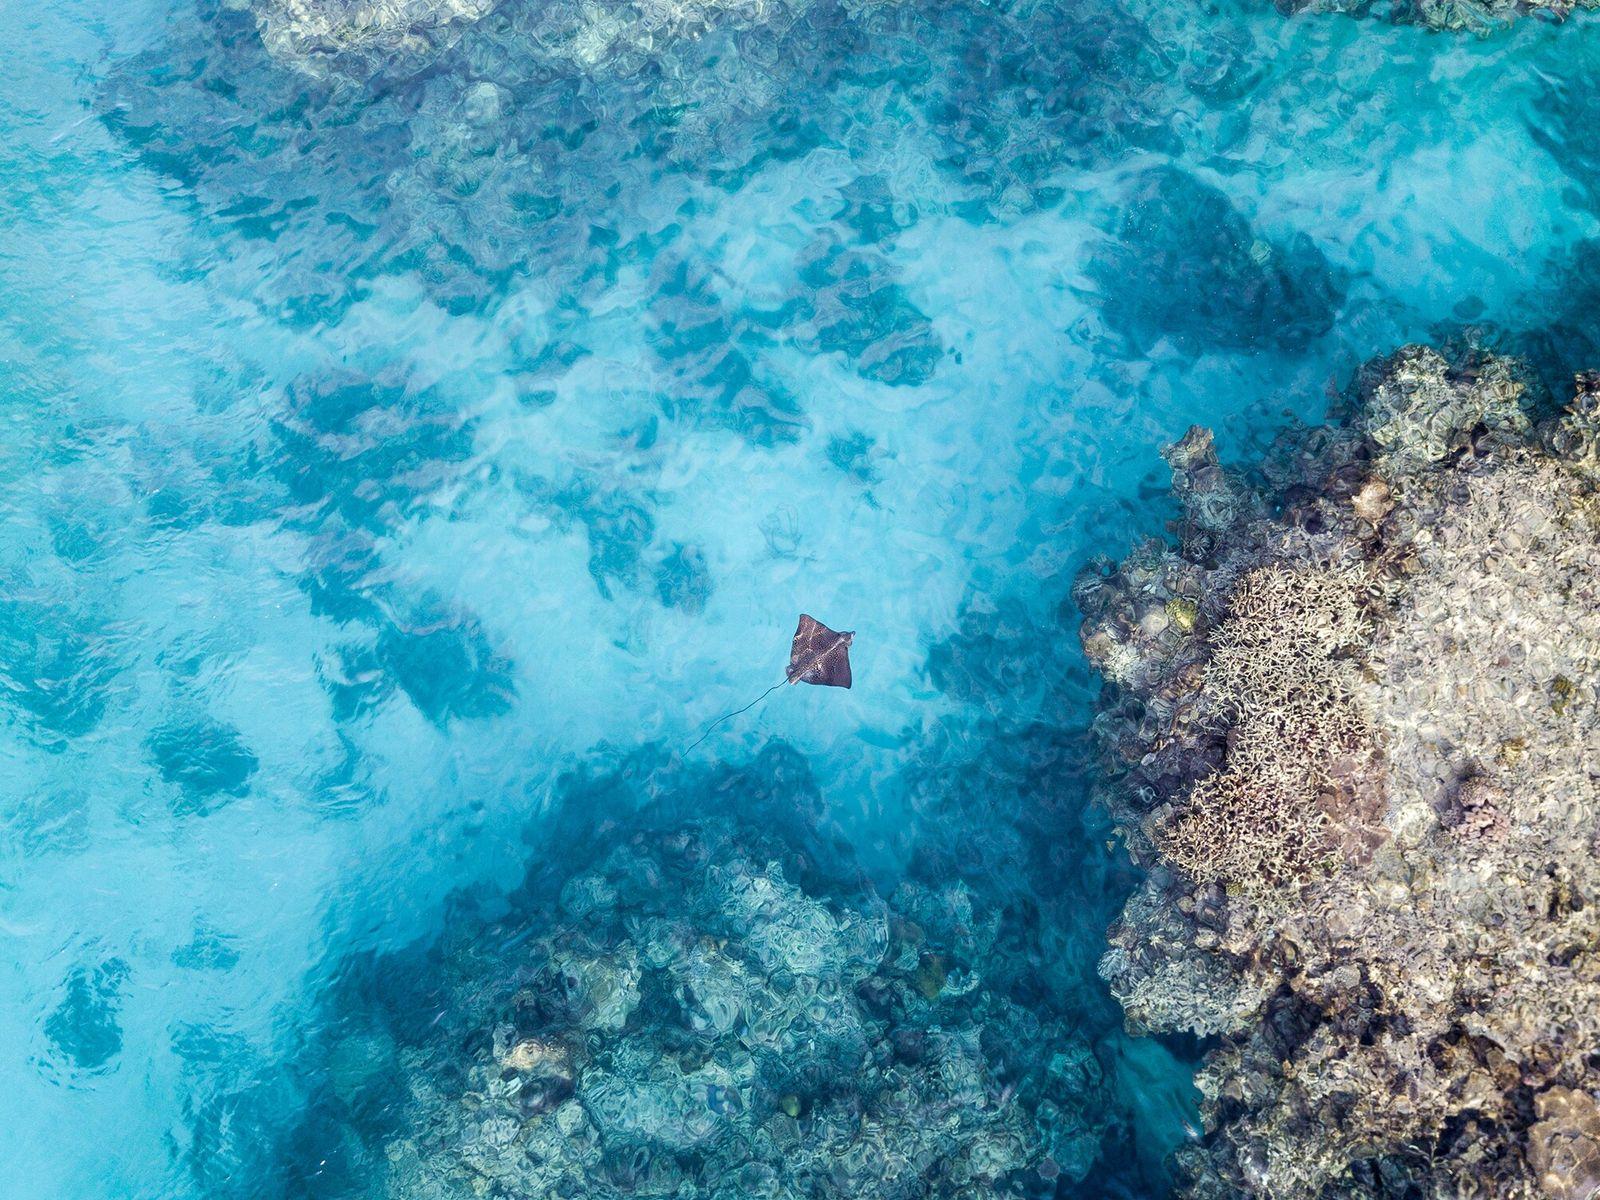 Nova Caledônia | As águas cristalinas da Nova Caledônia abrigam mais de nove mil espécies marinhas, ...